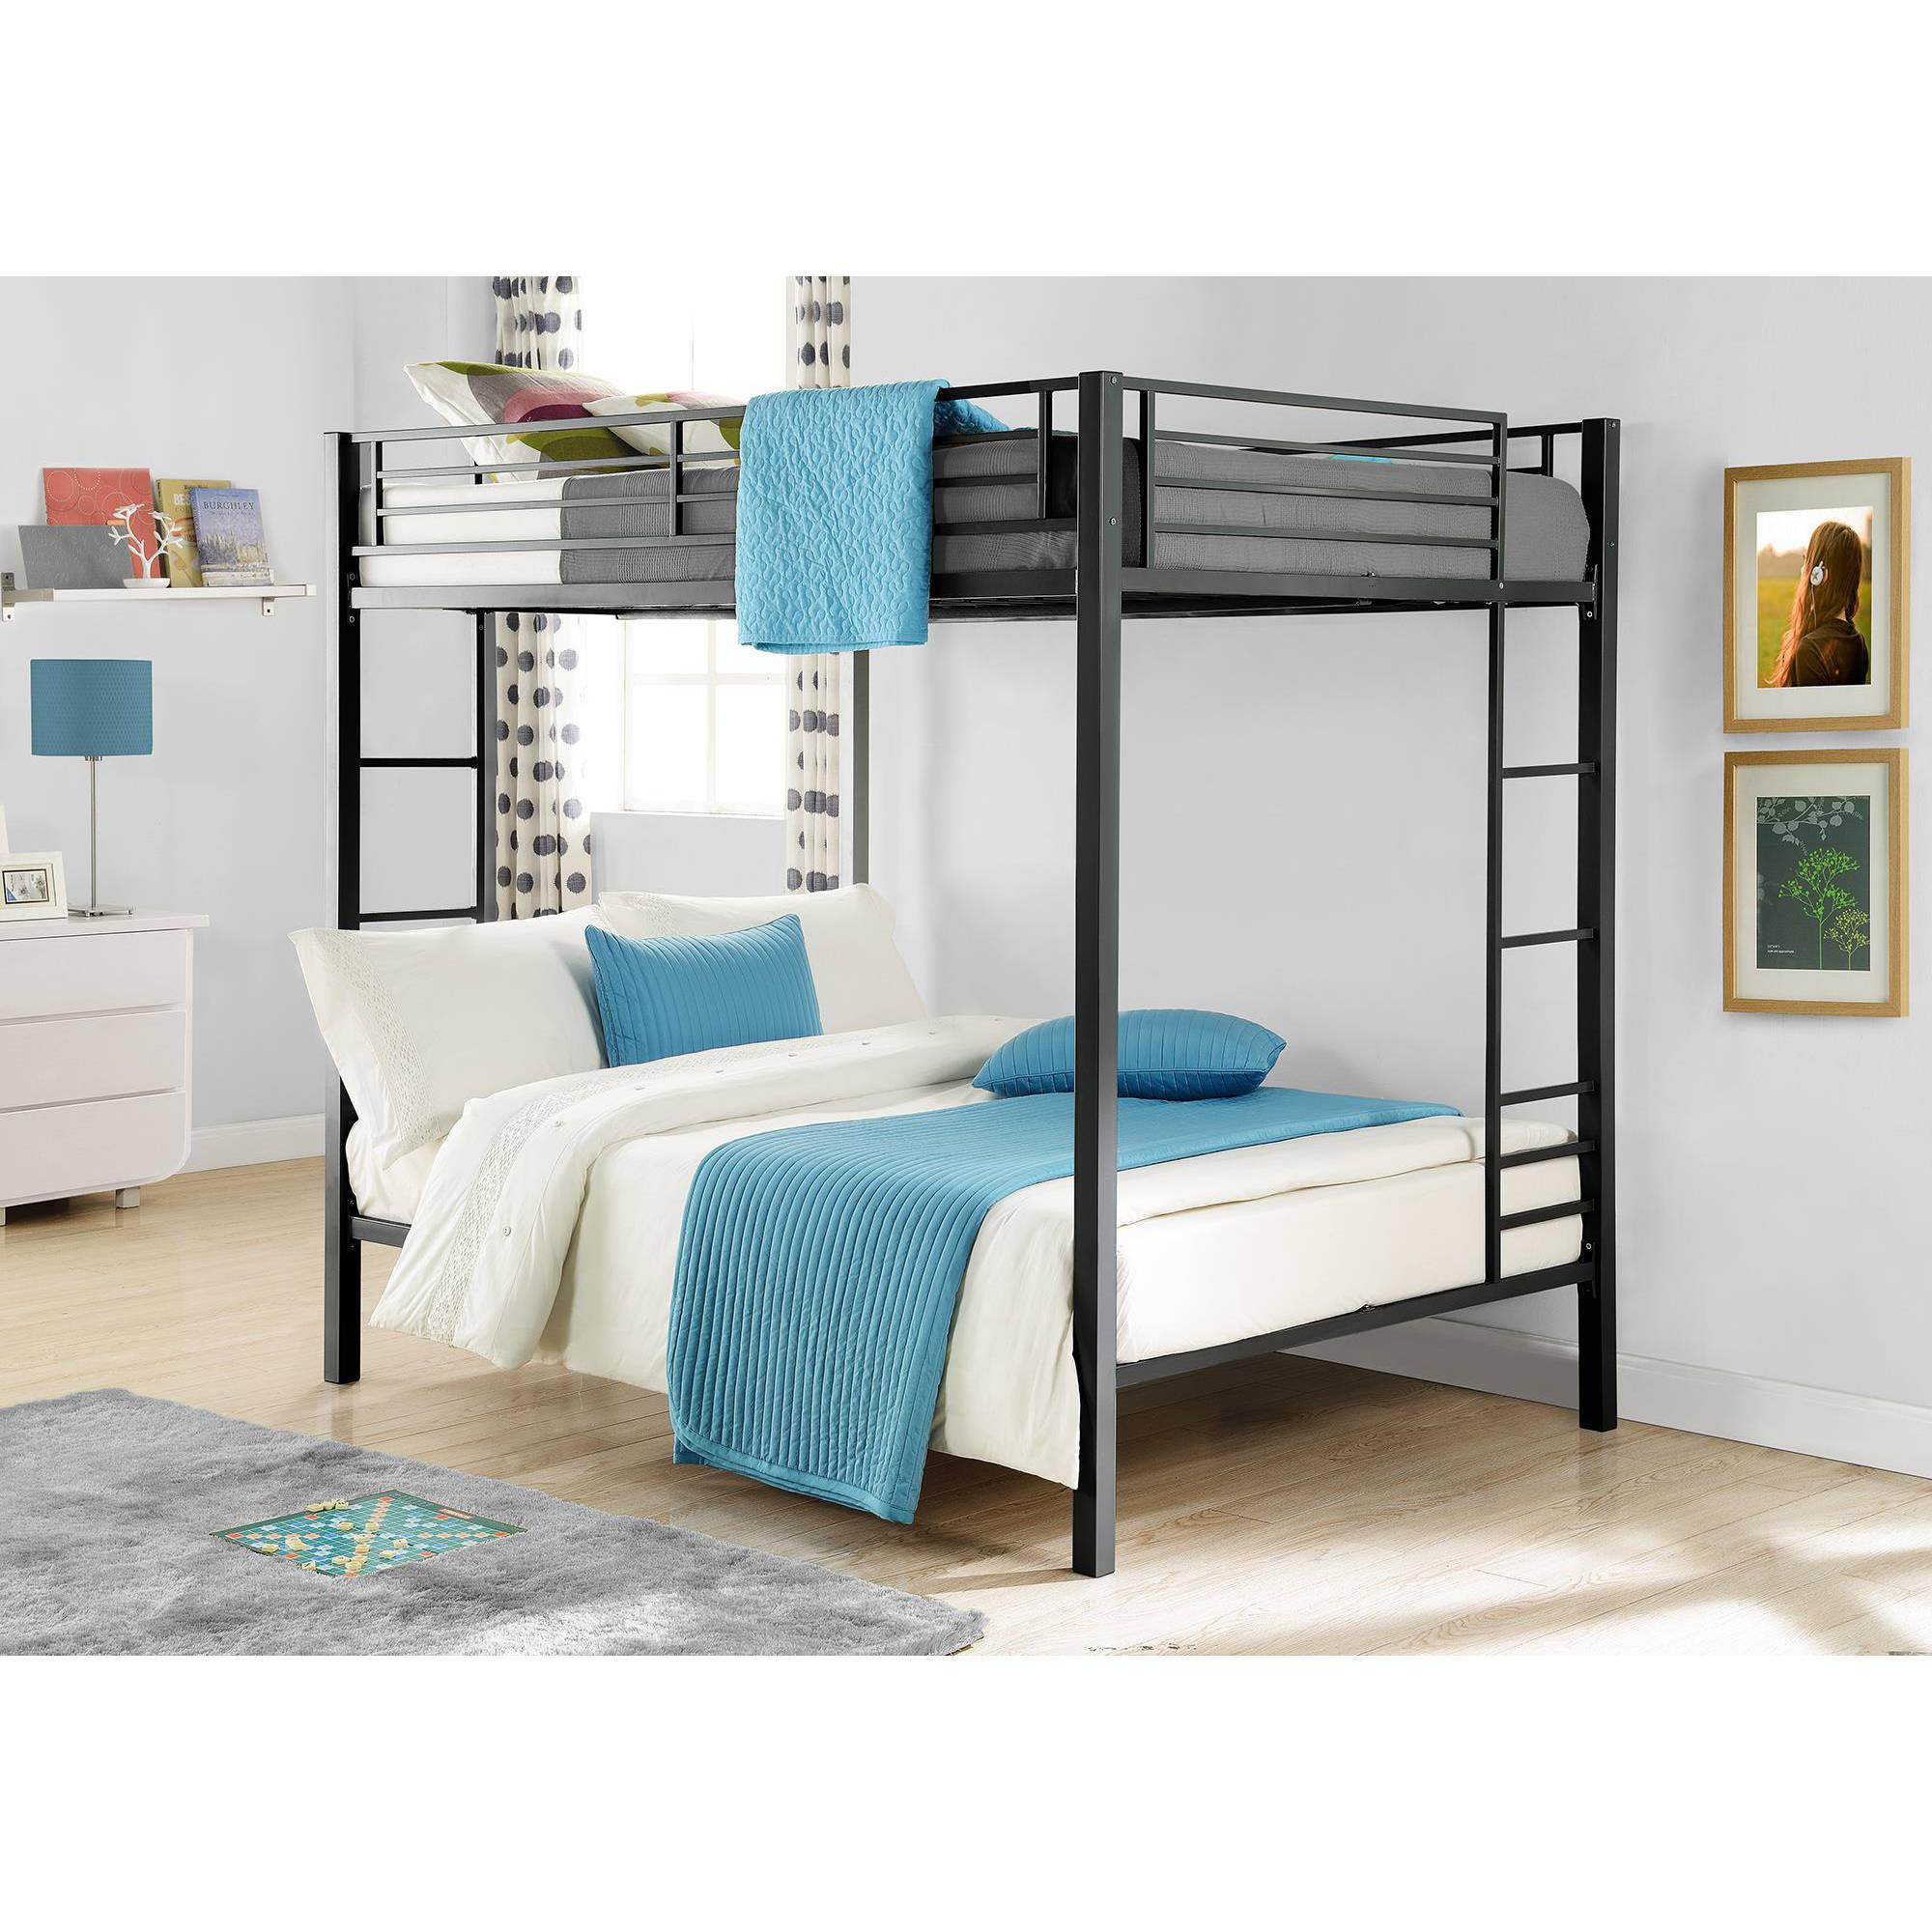 Full Over Full Bunk Beds